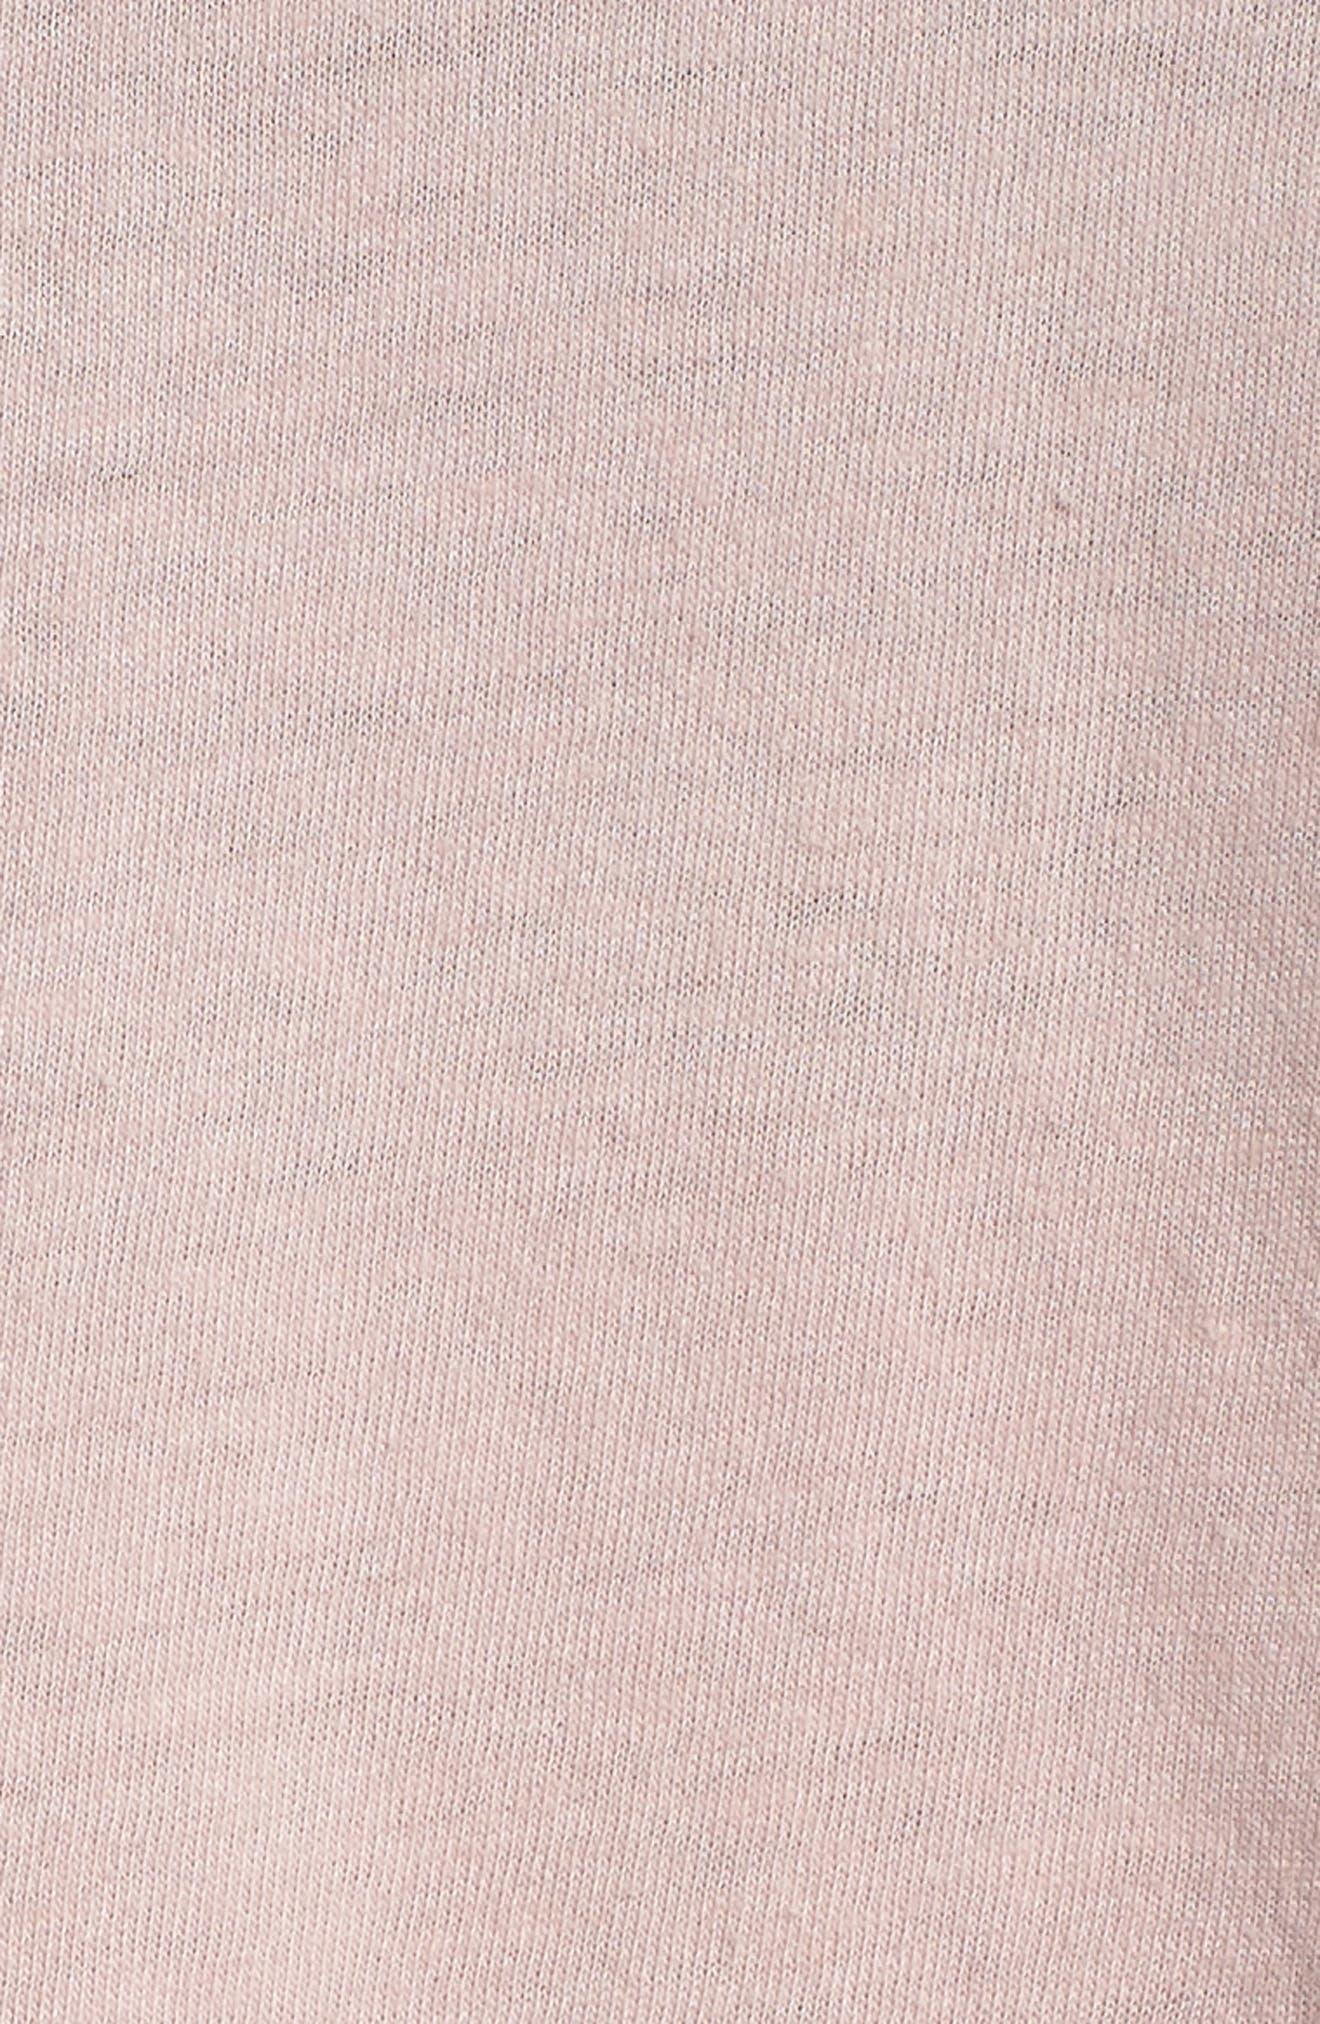 Namaste Cotton Blend Crop Tank Top,                             Alternate thumbnail 6, color,                             ROSE QUARTZ